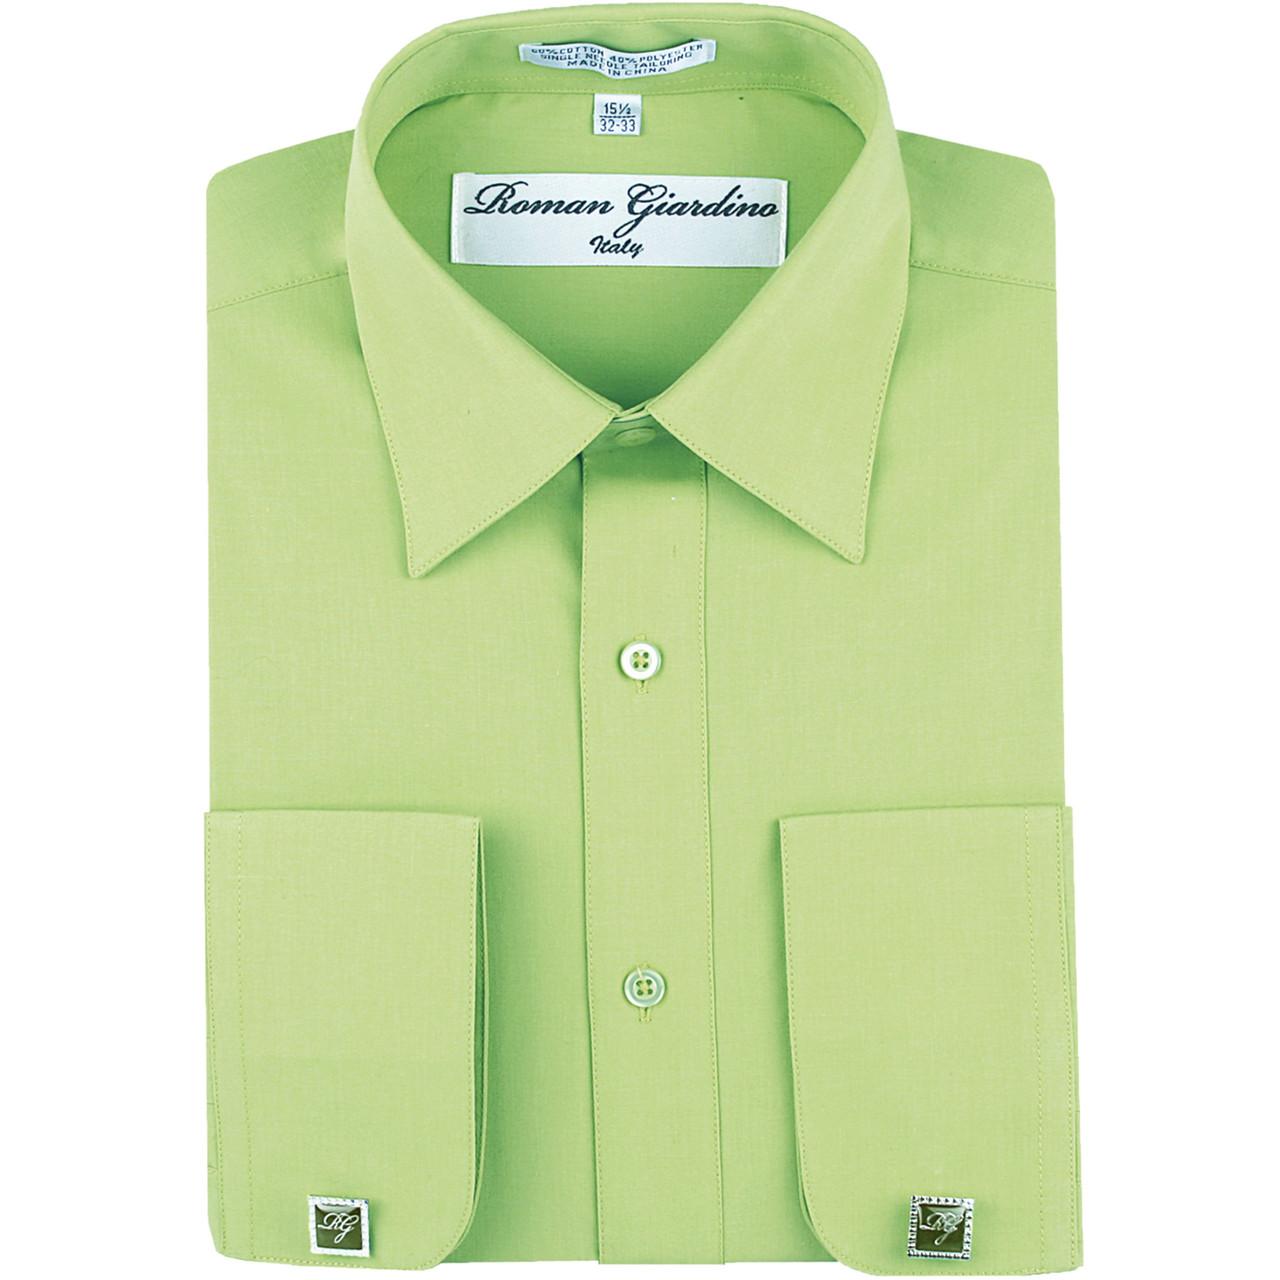 d82e1c337 Men s Long Convertible Collar Dress Shirt with Free Cufflink - Honeydew